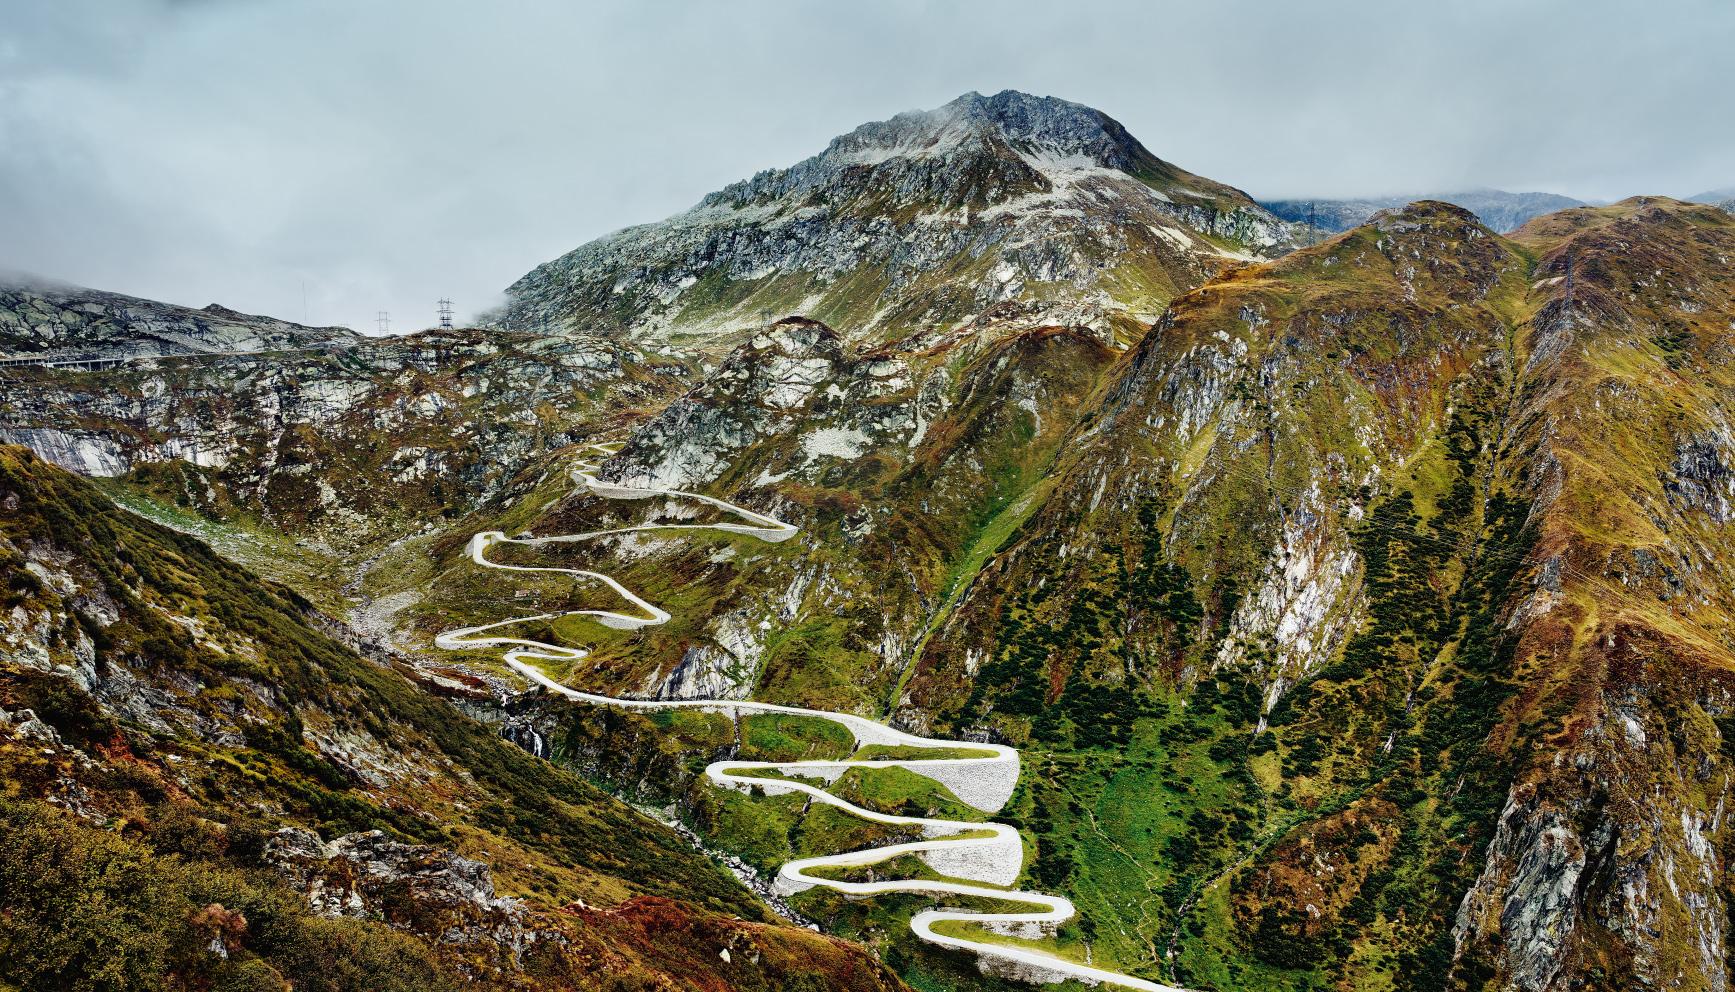 Legendär: die 24 Haarnadelkurven an der Südrampe des Gotthardpasses im Val Tremola, dem »Tal des Zitterns«